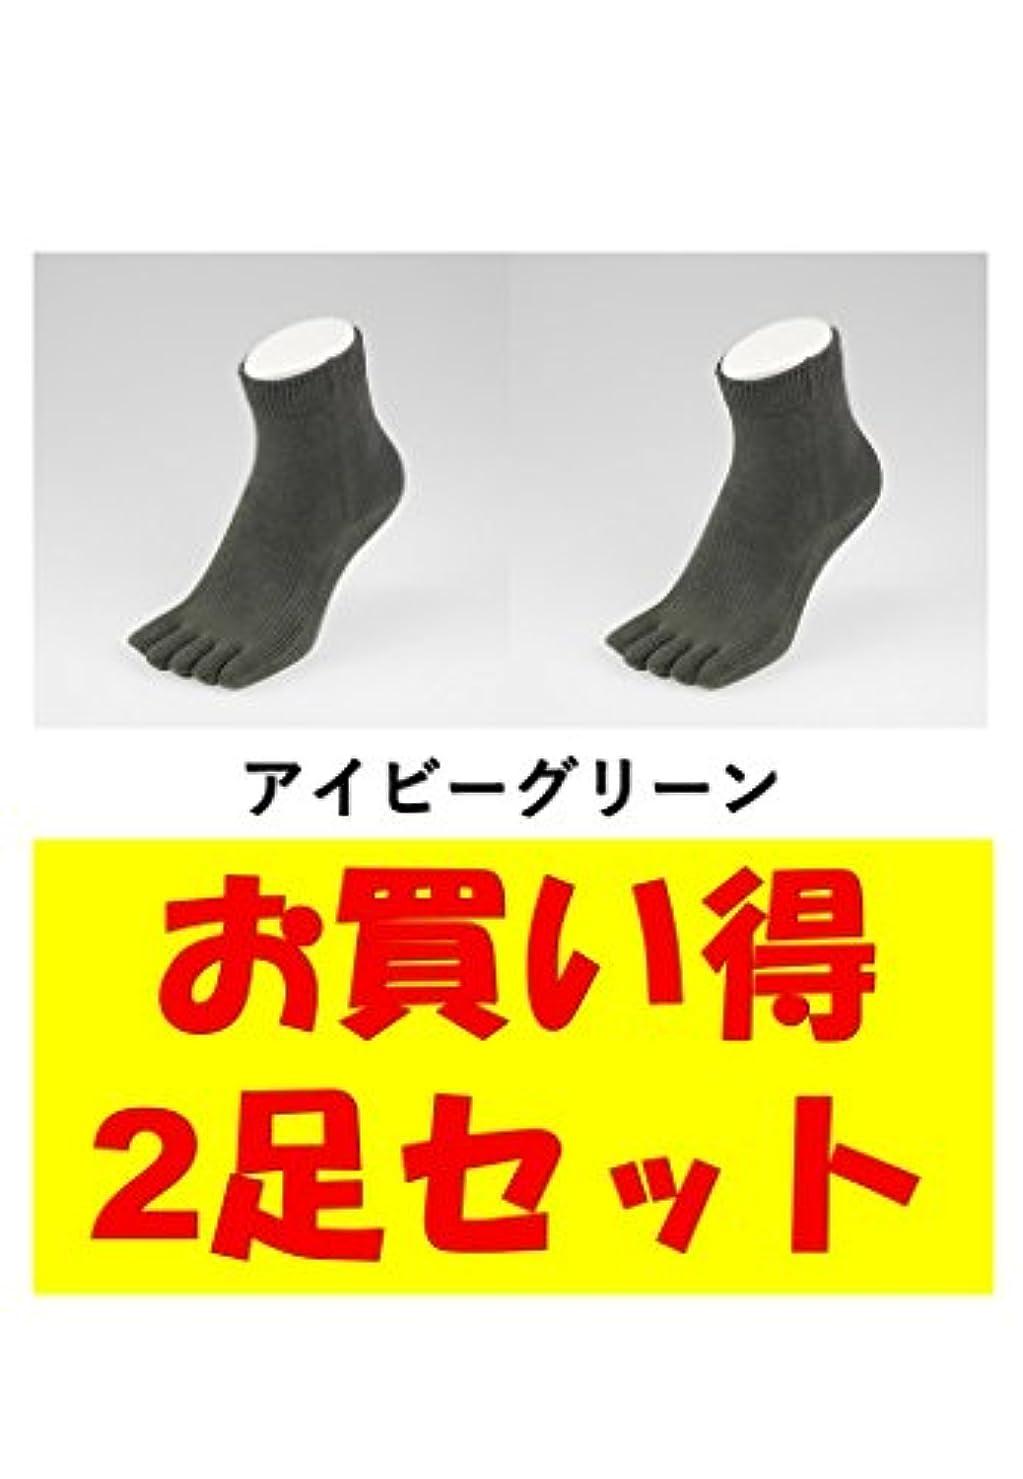 真実に妊娠したコテージお買い得2足セット 5本指 ゆびのばソックス Neo EVE(イヴ) アイビーグリーン iサイズ(23.5cm - 25.5cm) YSNEVE-IGR